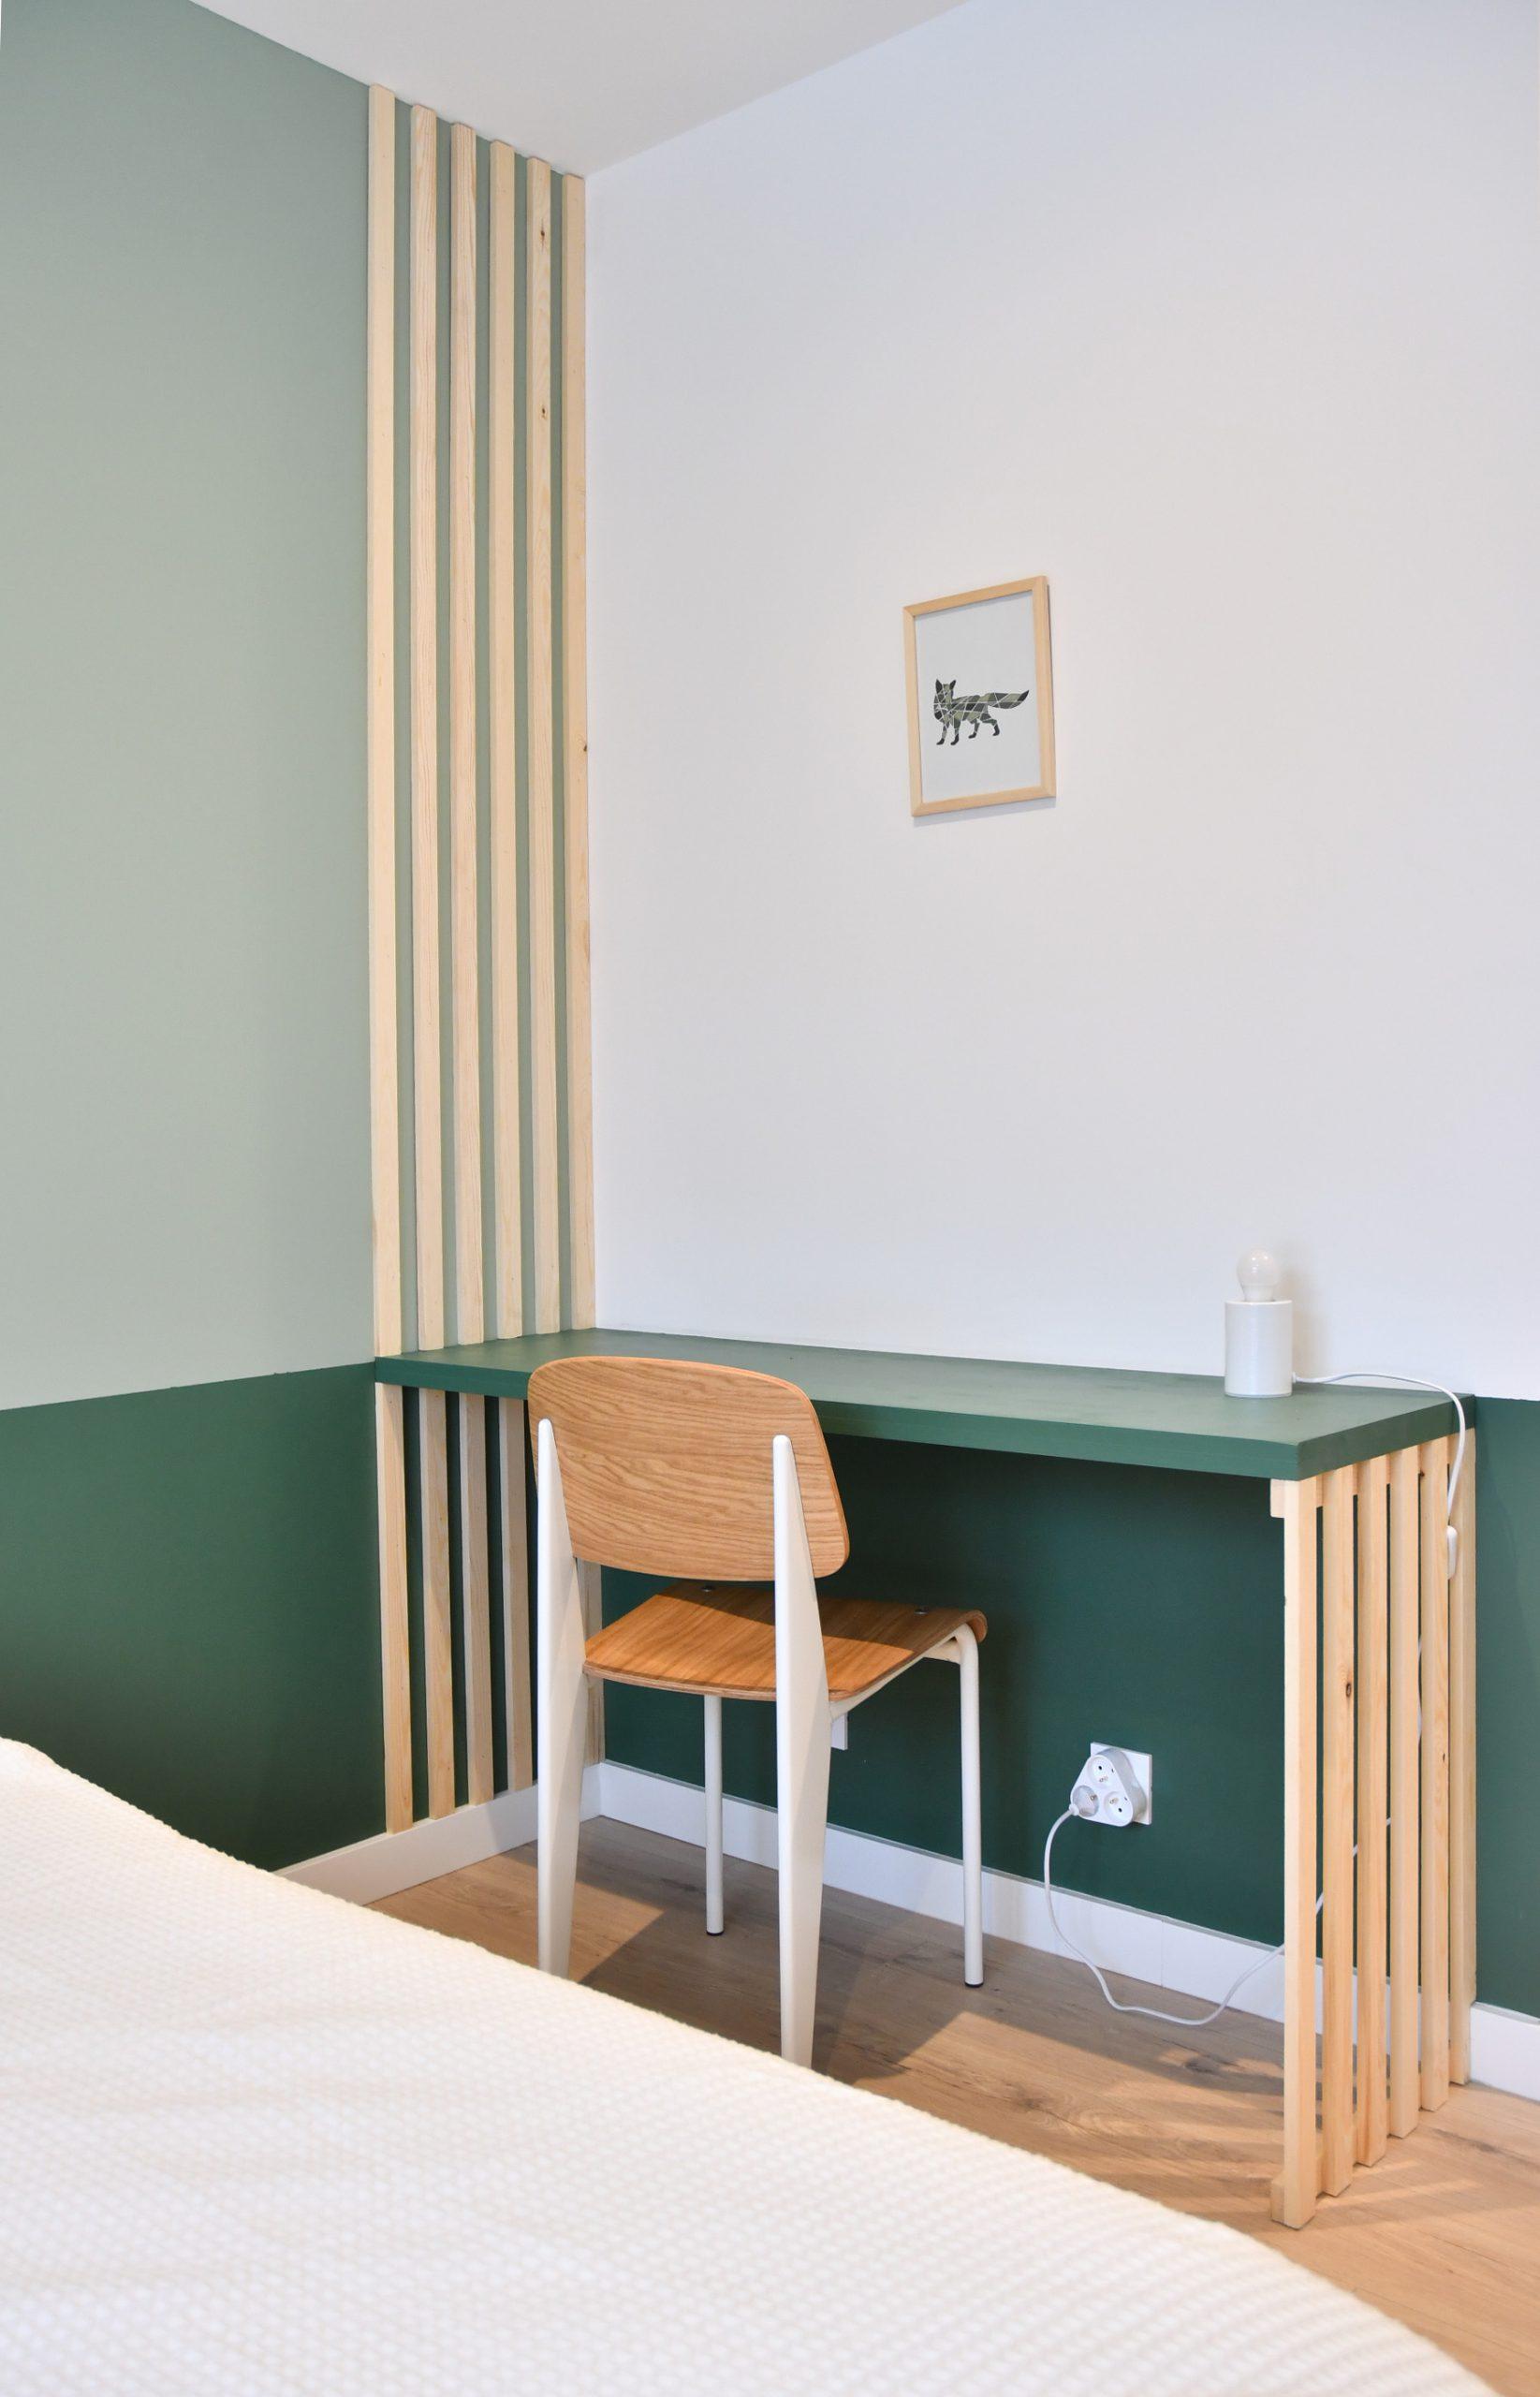 bureau aménagé, tasseaux et soubassement verts